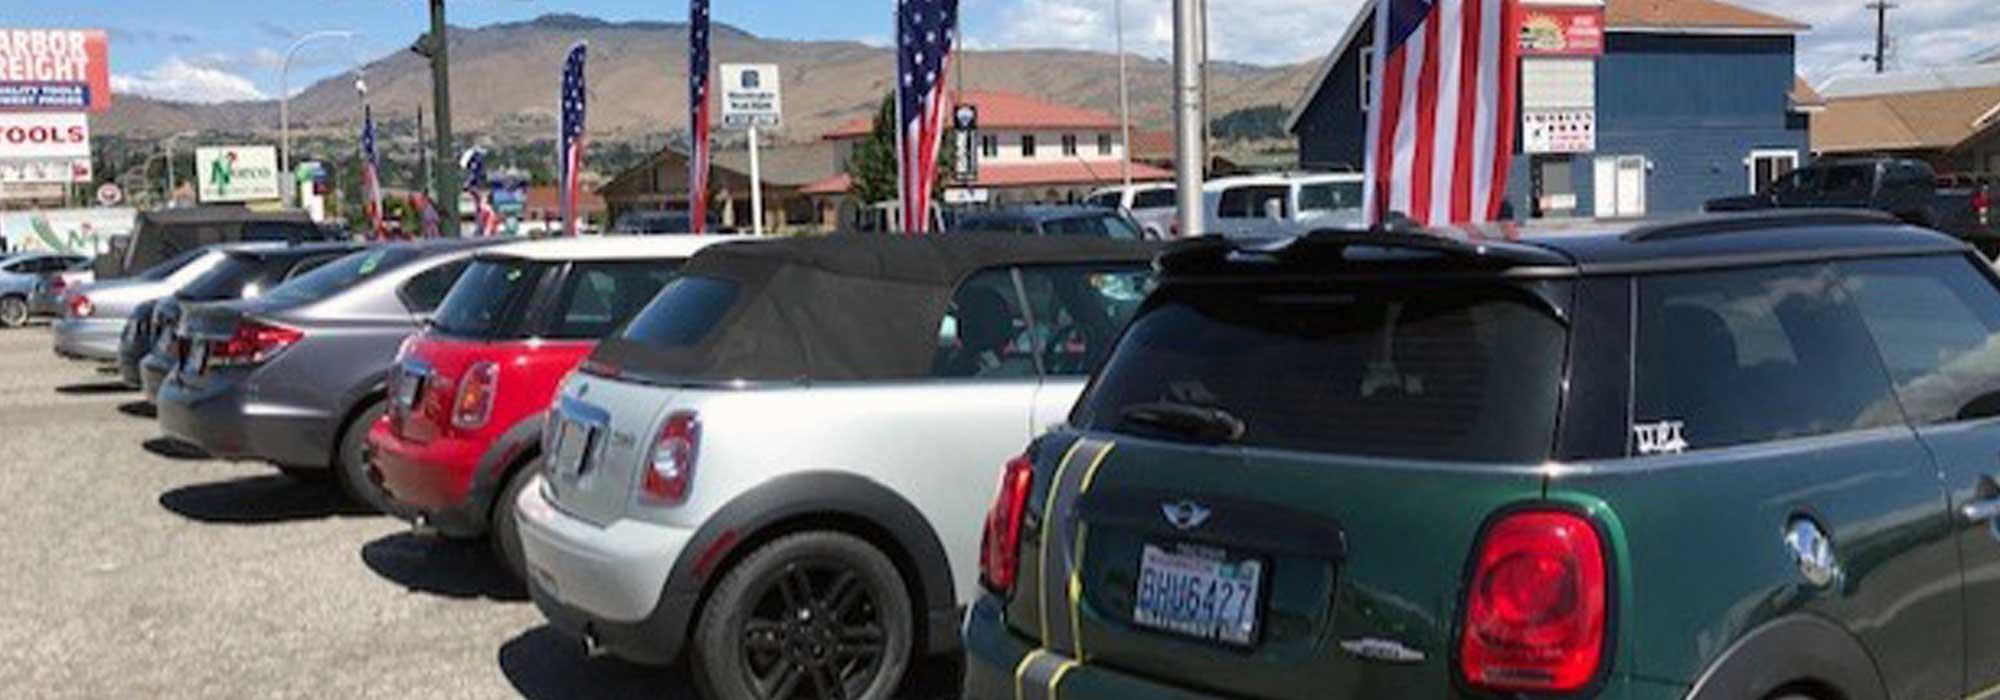 Wenatchee Car Dealers >> Global Elite Motors Llc Car Dealer In Wenatchee Wa